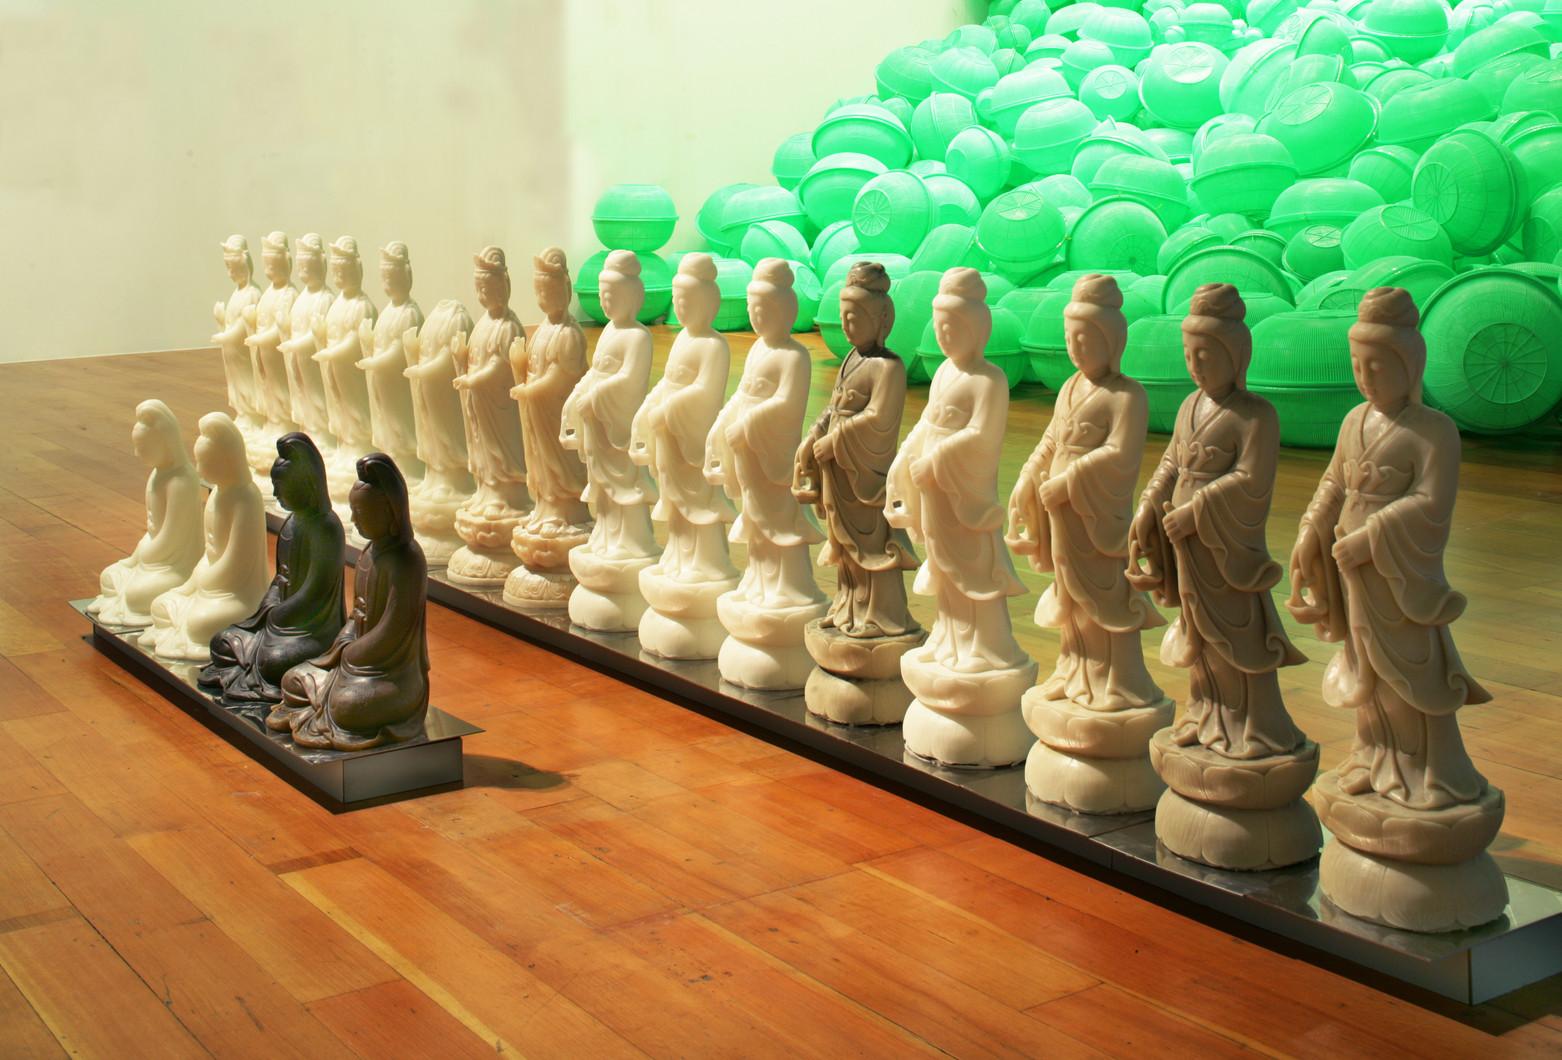 Installationview, Soft Power,Korea Foundation